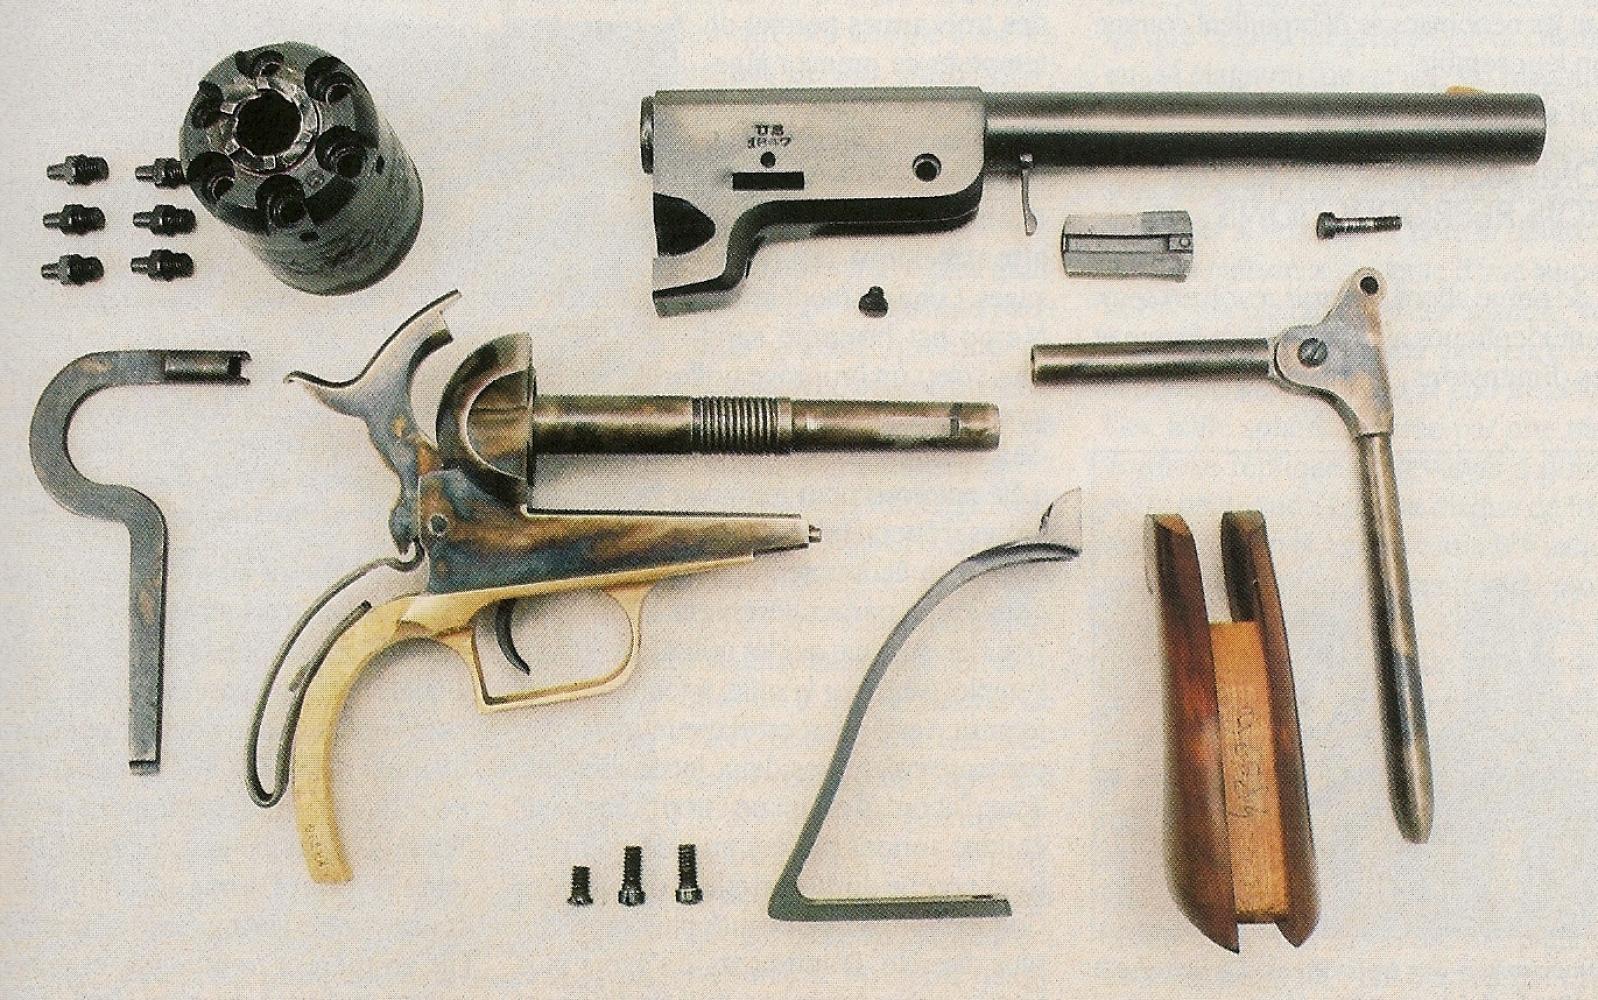 Voici le démontage que nous vous conseillons d'effectuer lorsque vous devez procéder au nettoyage de votre arme après le tir. Remarquez, sous le barillet et ses six cheminées, la présence d'une clef à cheminées qui est une copie du modèle d'époque destiné au Colt Walker. A noter que cette clef fait également office de tournevis.